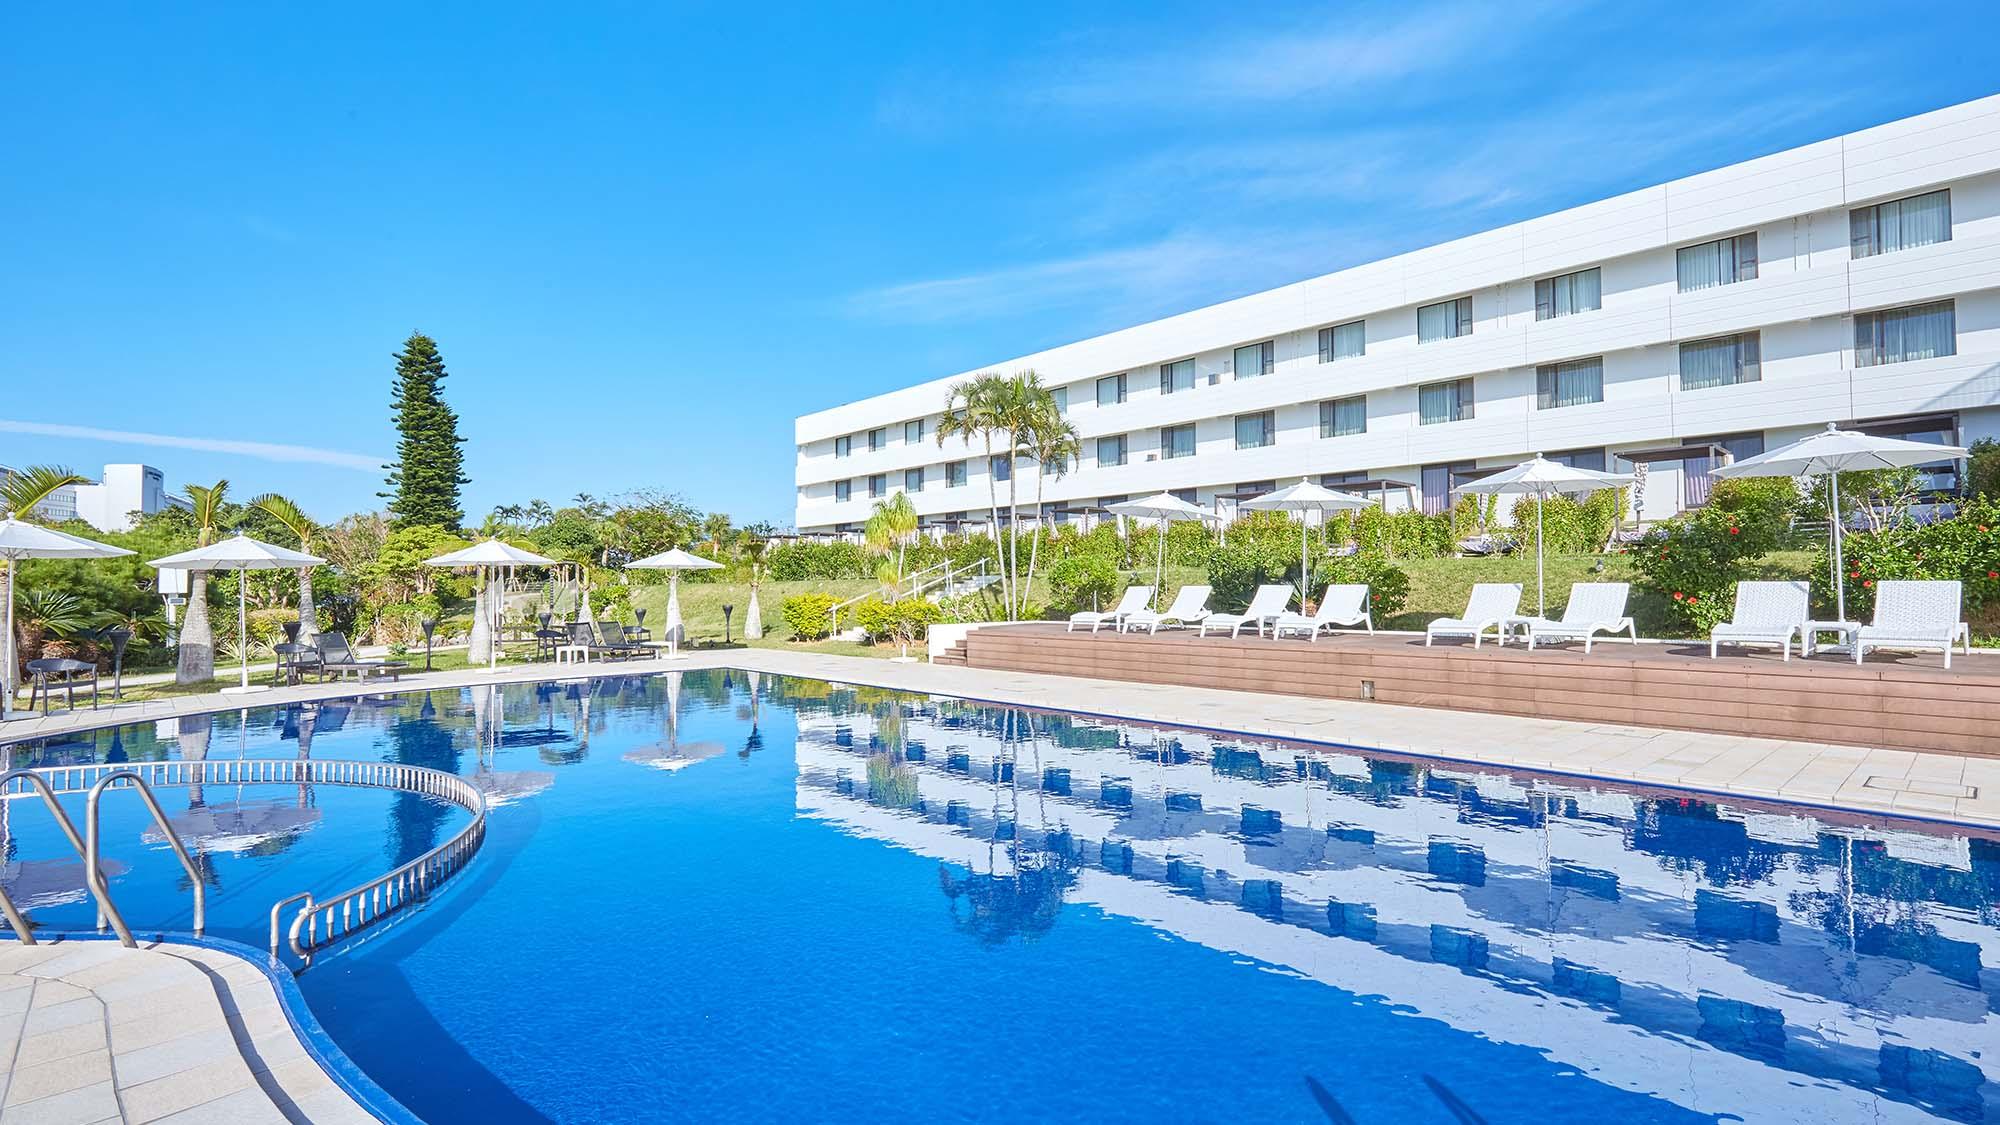 チサンリゾート沖縄美ら海(旧沖縄ロイヤルビューホテル)